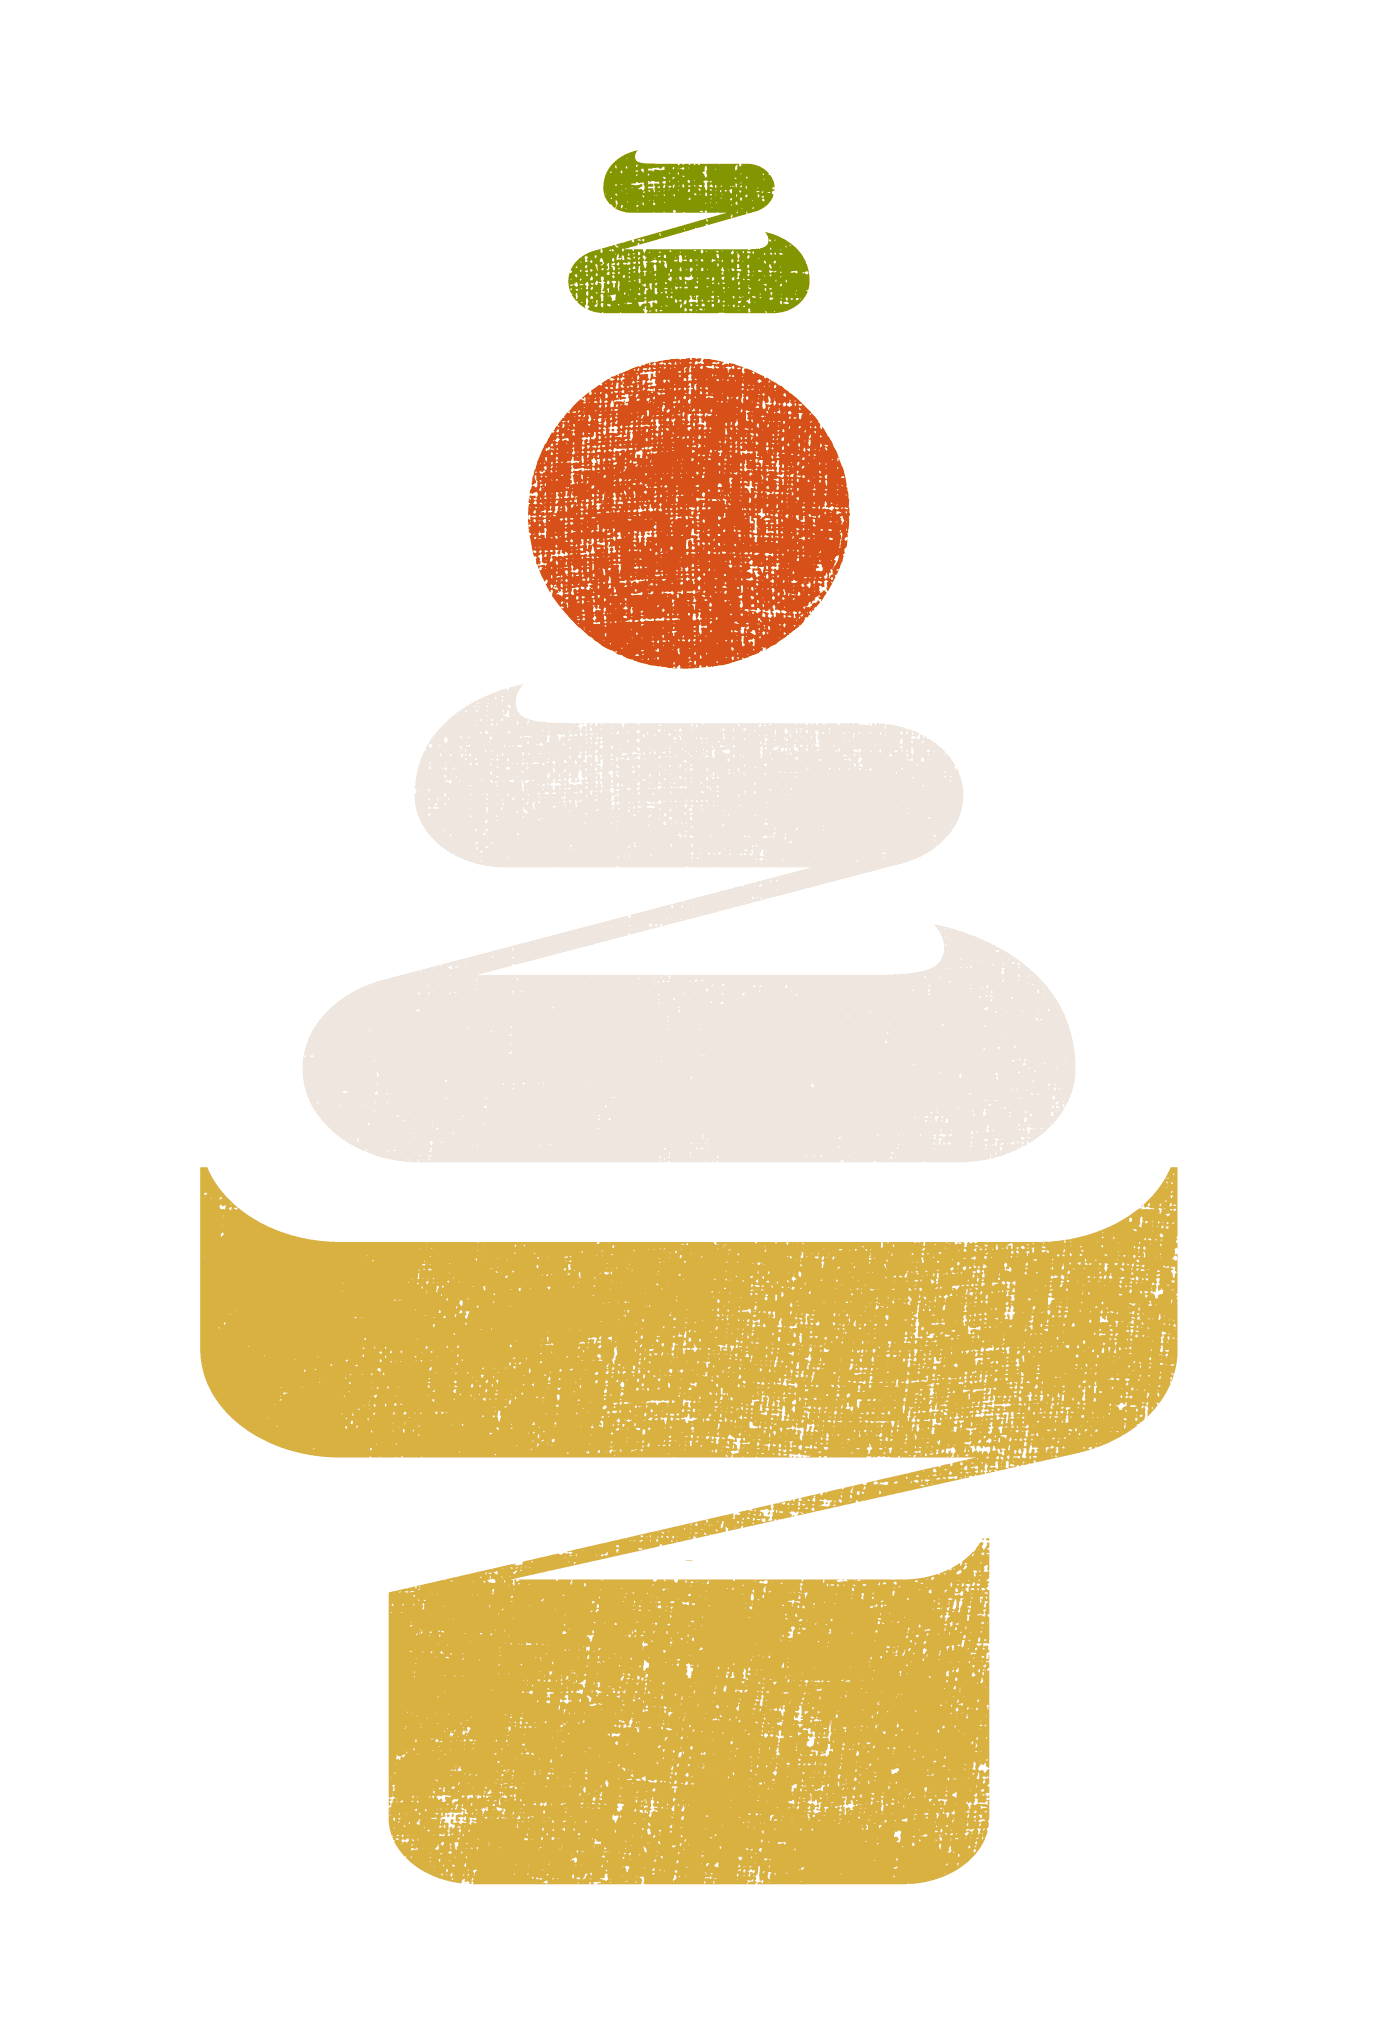 2022年賀状22-2:鏡餅 二〇二二(縦)Bのダウンロード画像